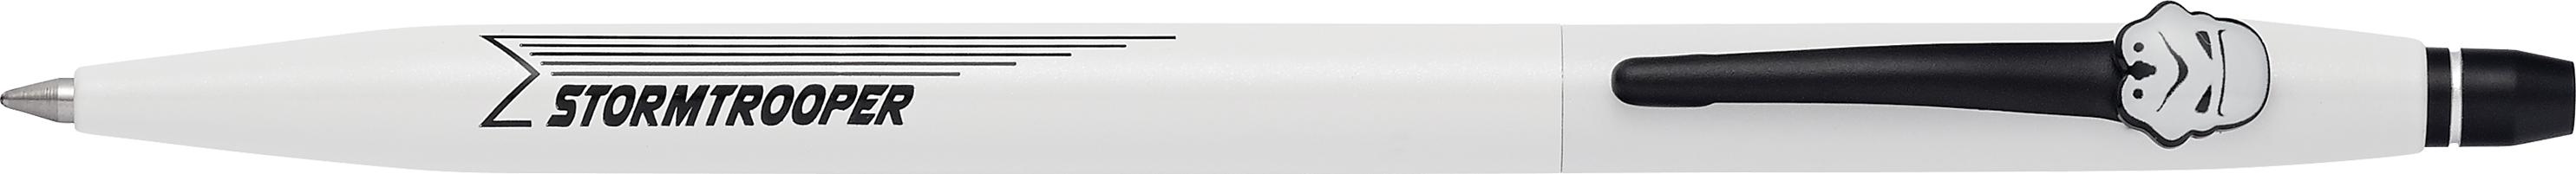 Click Star Wars® Stormtrooper Gel Ink Pen